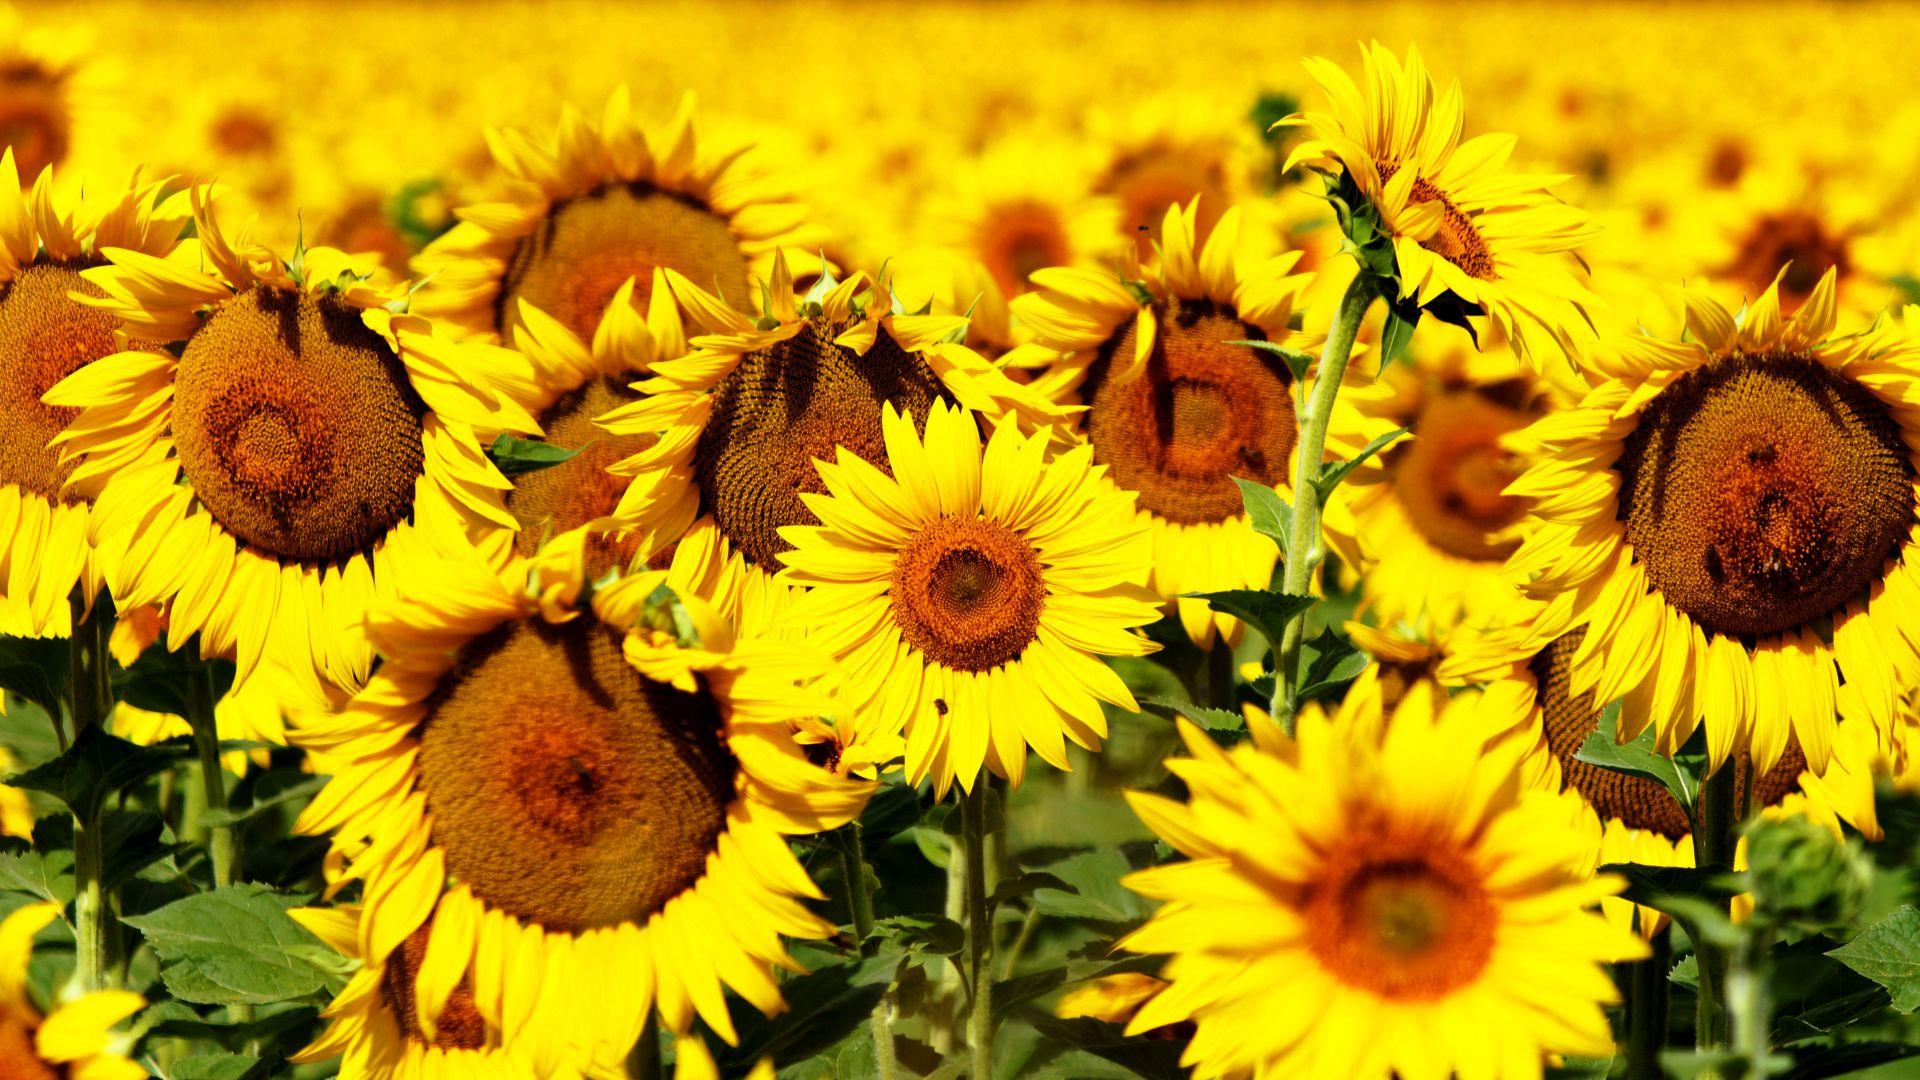 Wallpaper Sunflowers, 5k, 4k wallpaper, 8k, flowers, field ...